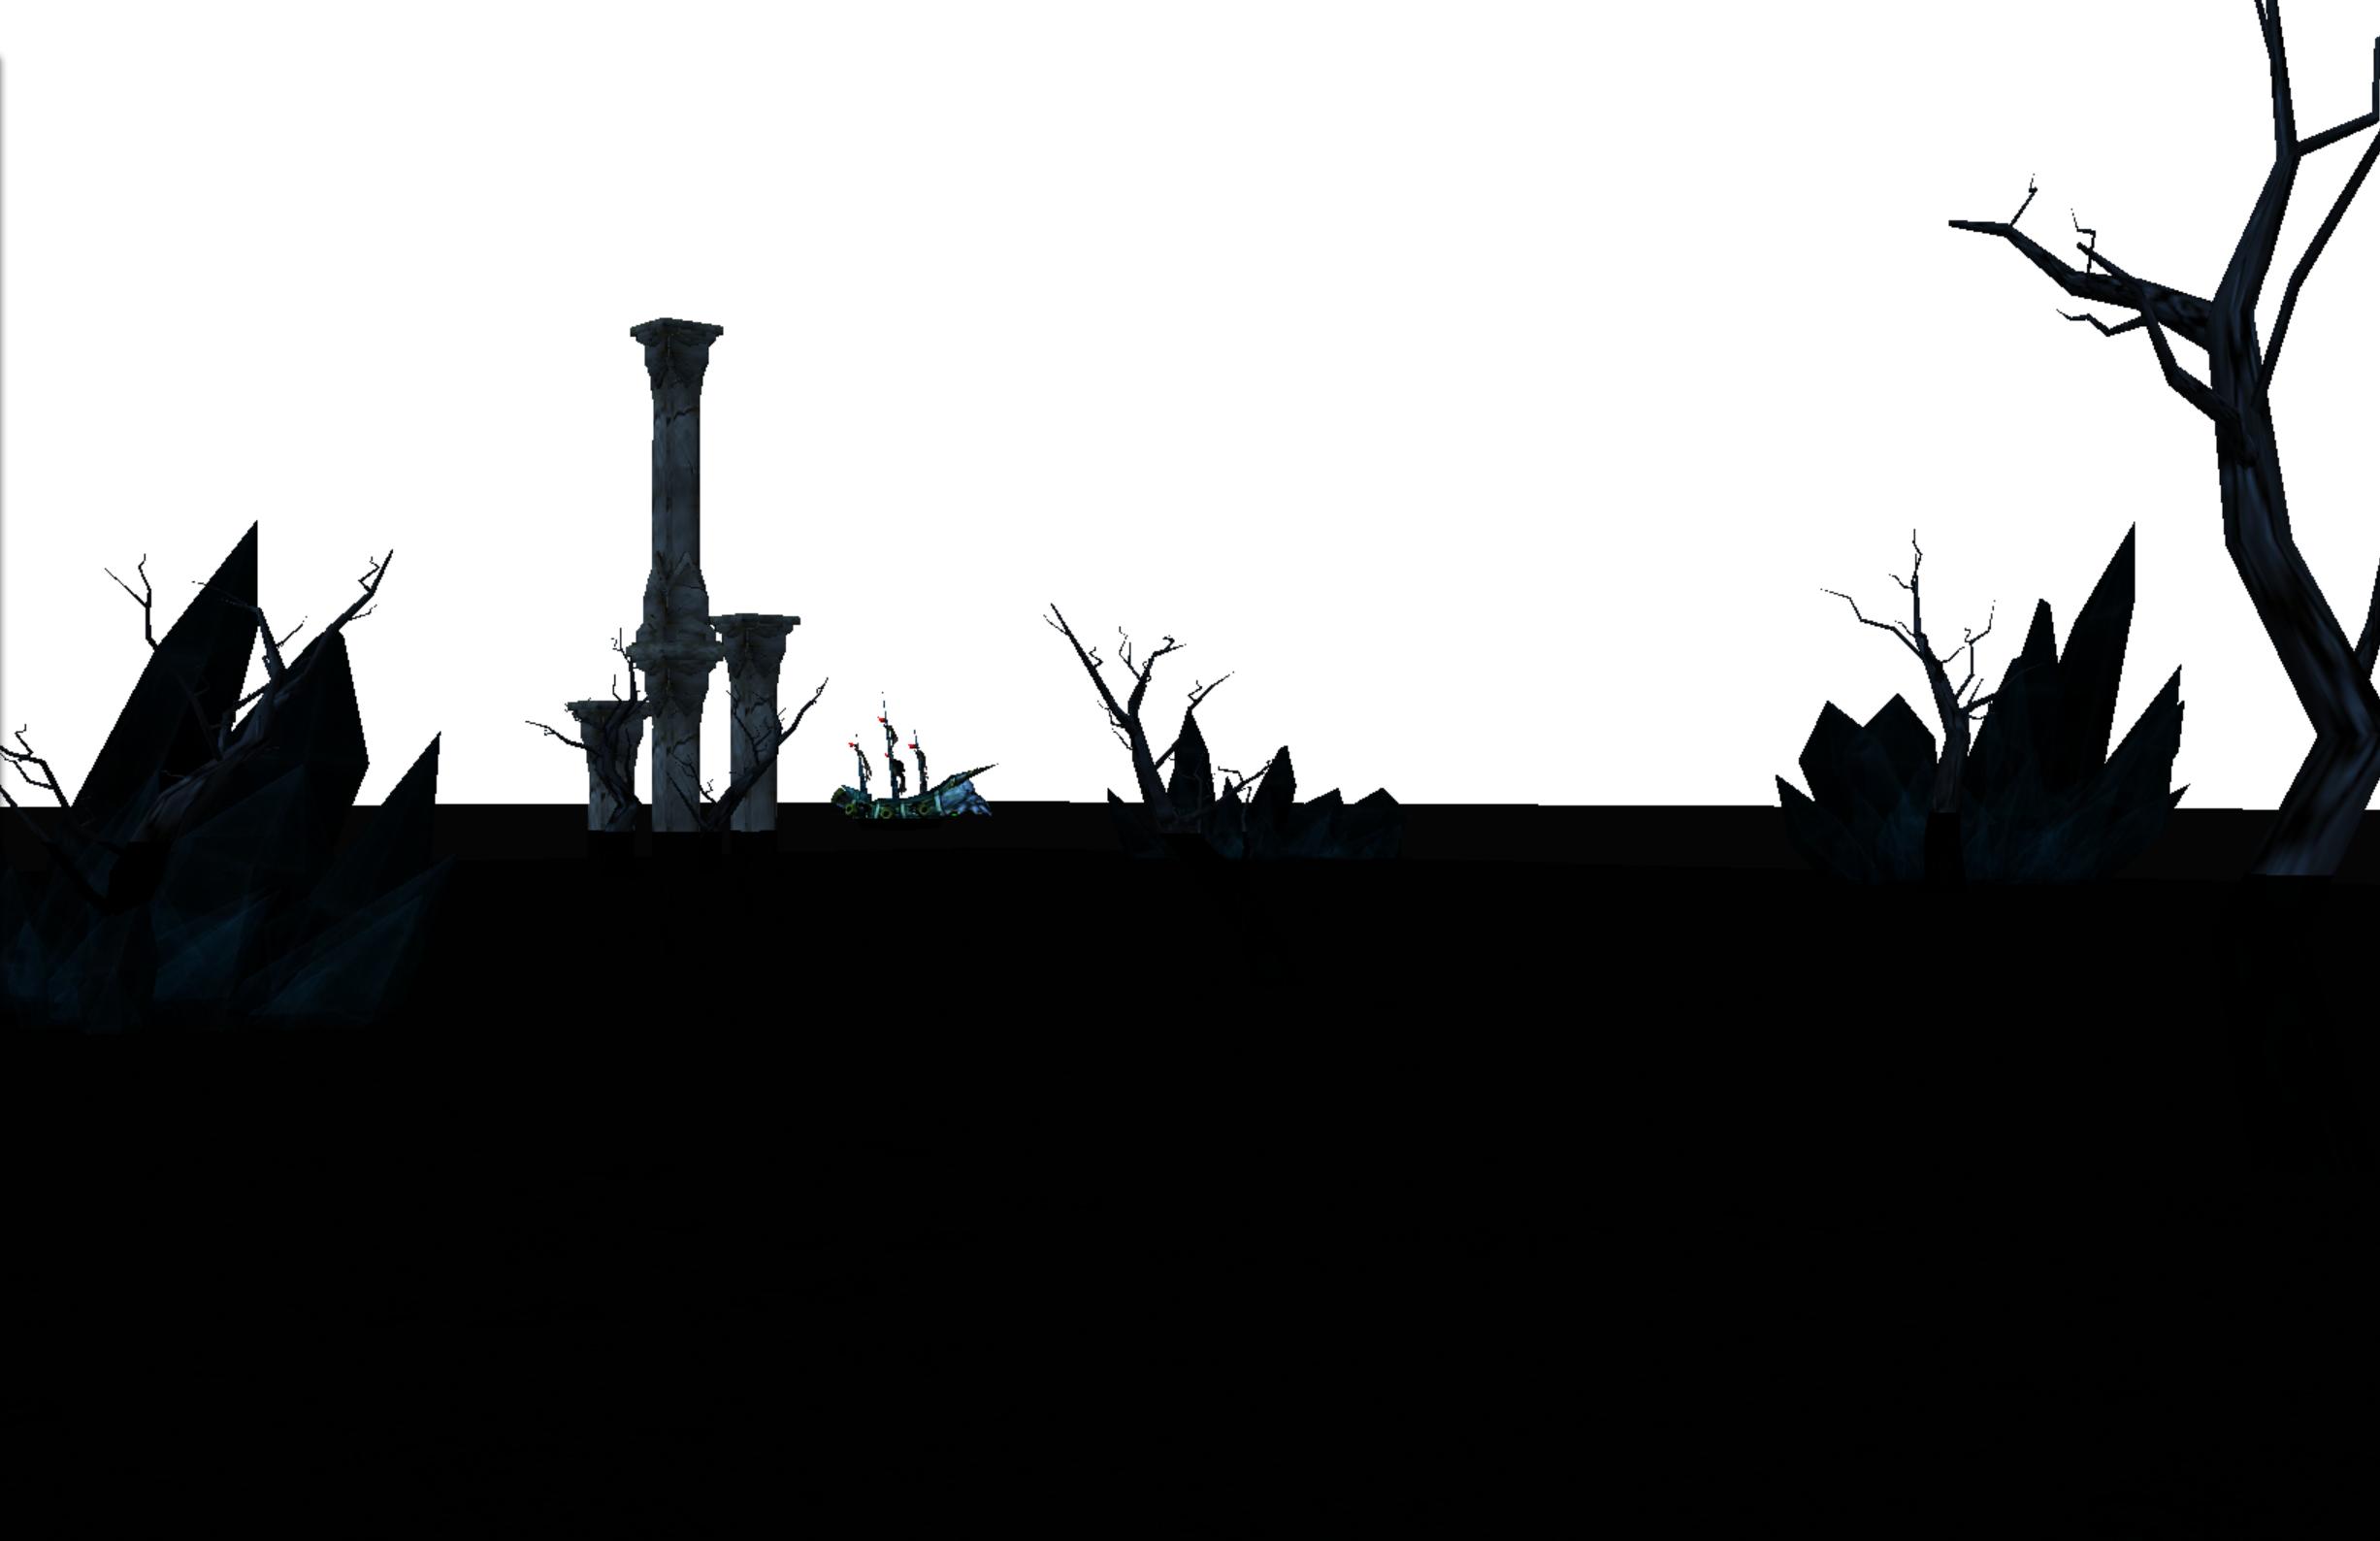 terrain mist wip 1.PNG